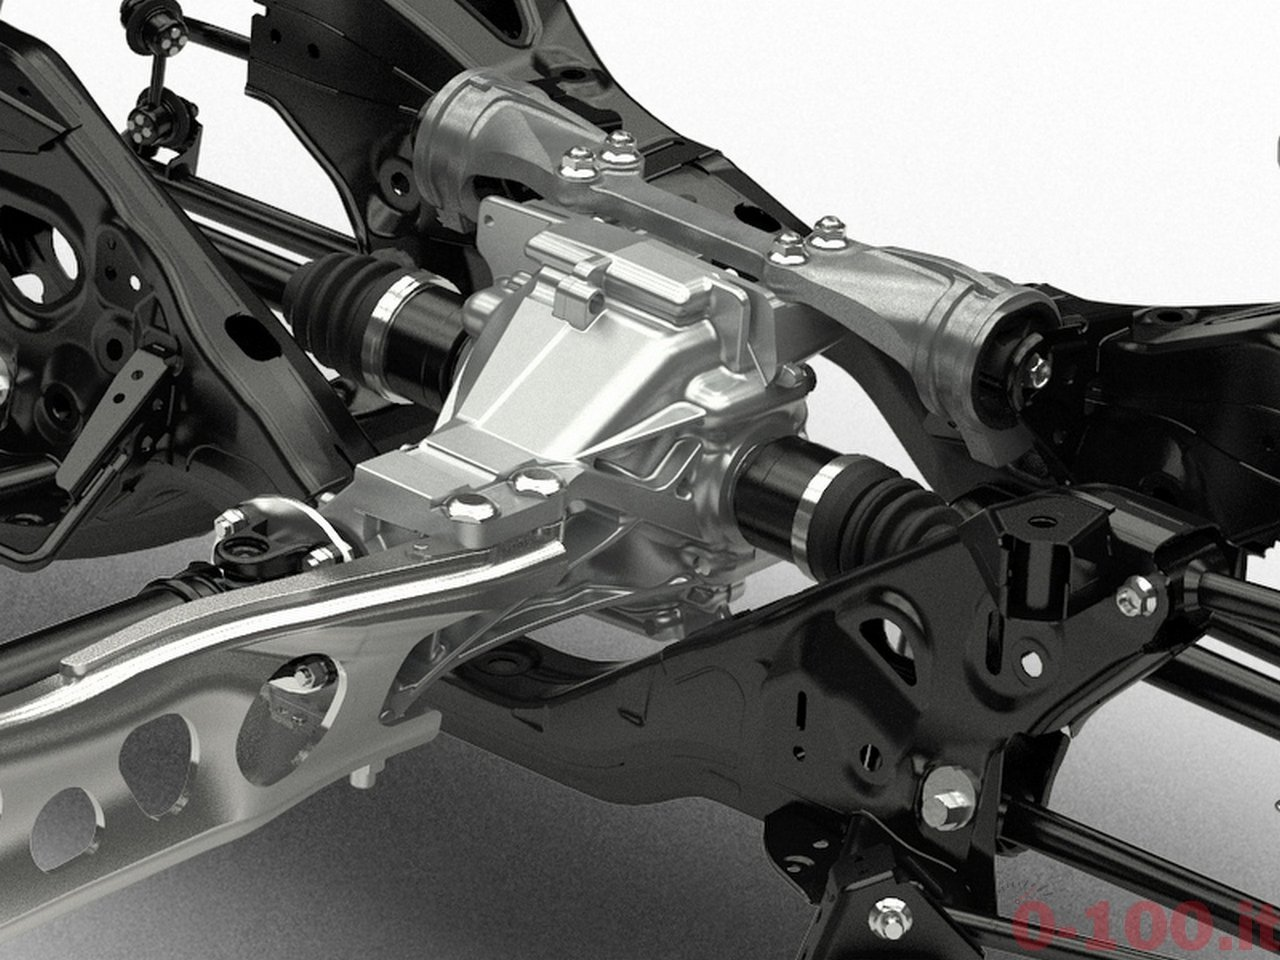 mazda-mx5-chassis-telaio-alfa-romeo-0-100_8